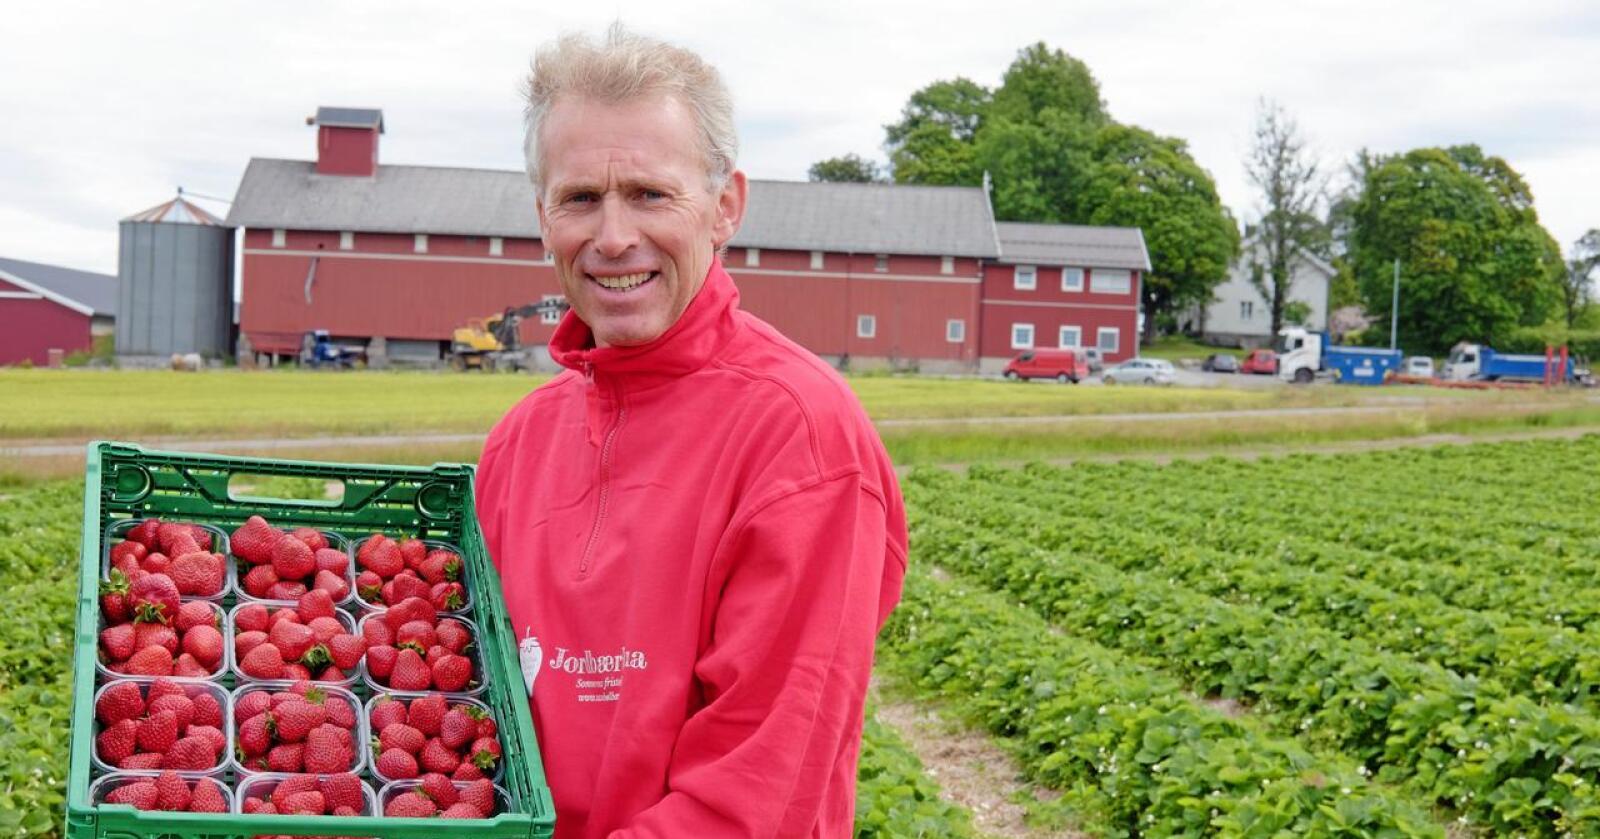 Per Fredrik Saxebøl i Frogn driver med jordbær og korn. Han vurderer å kutte ned på bærarealet hvis han ikke får bekreftet at litauerne slipper inn. (Foto: Siri Elise Dybdal))